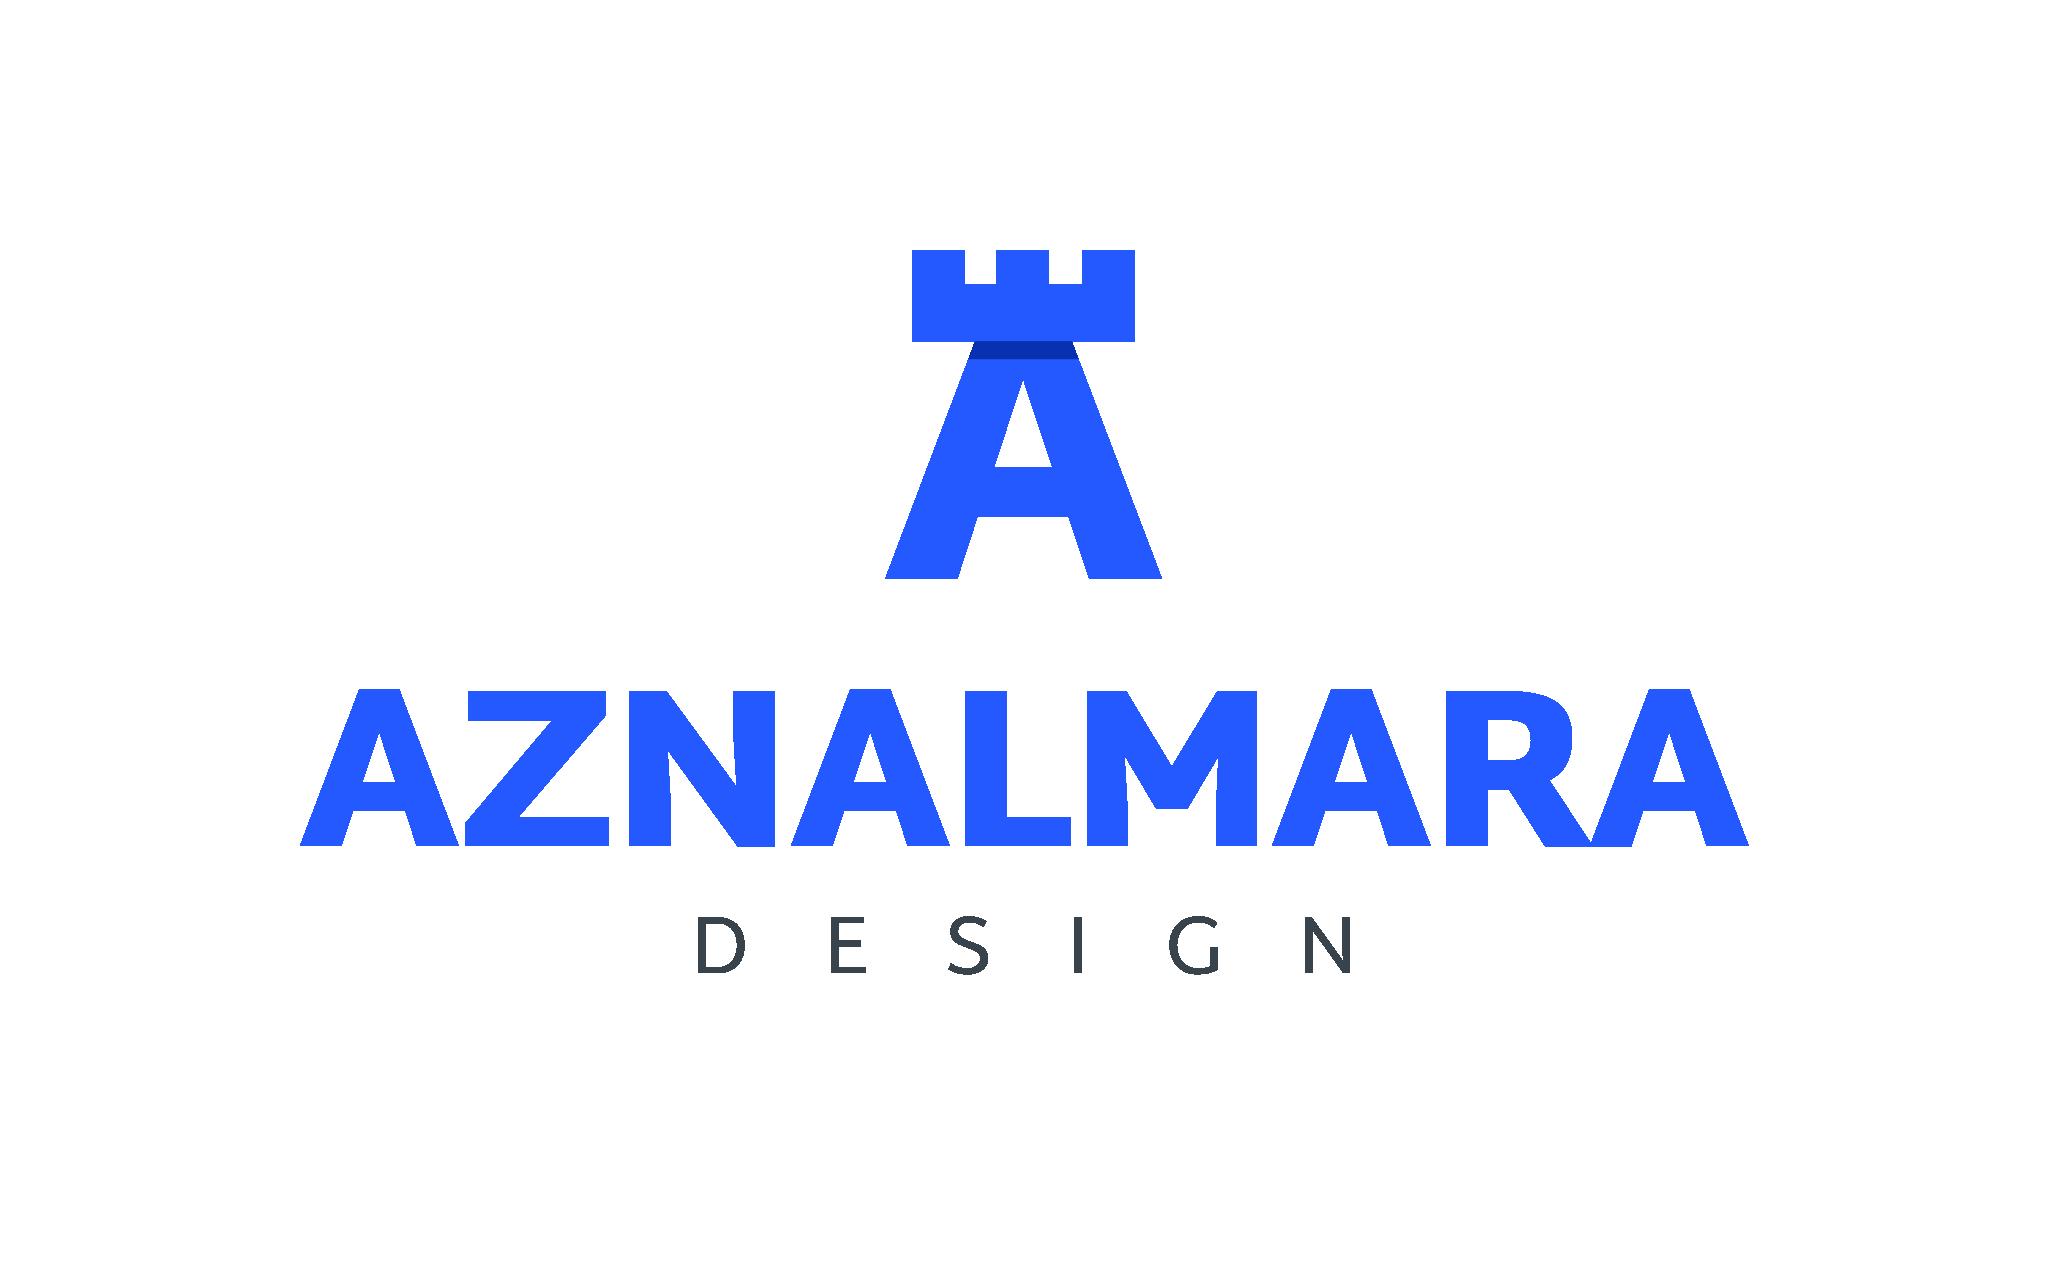 LOGO_VERTICAL_AZNALMARA®_DESIGN_AZUL_FONDO_TRANSPARENTE